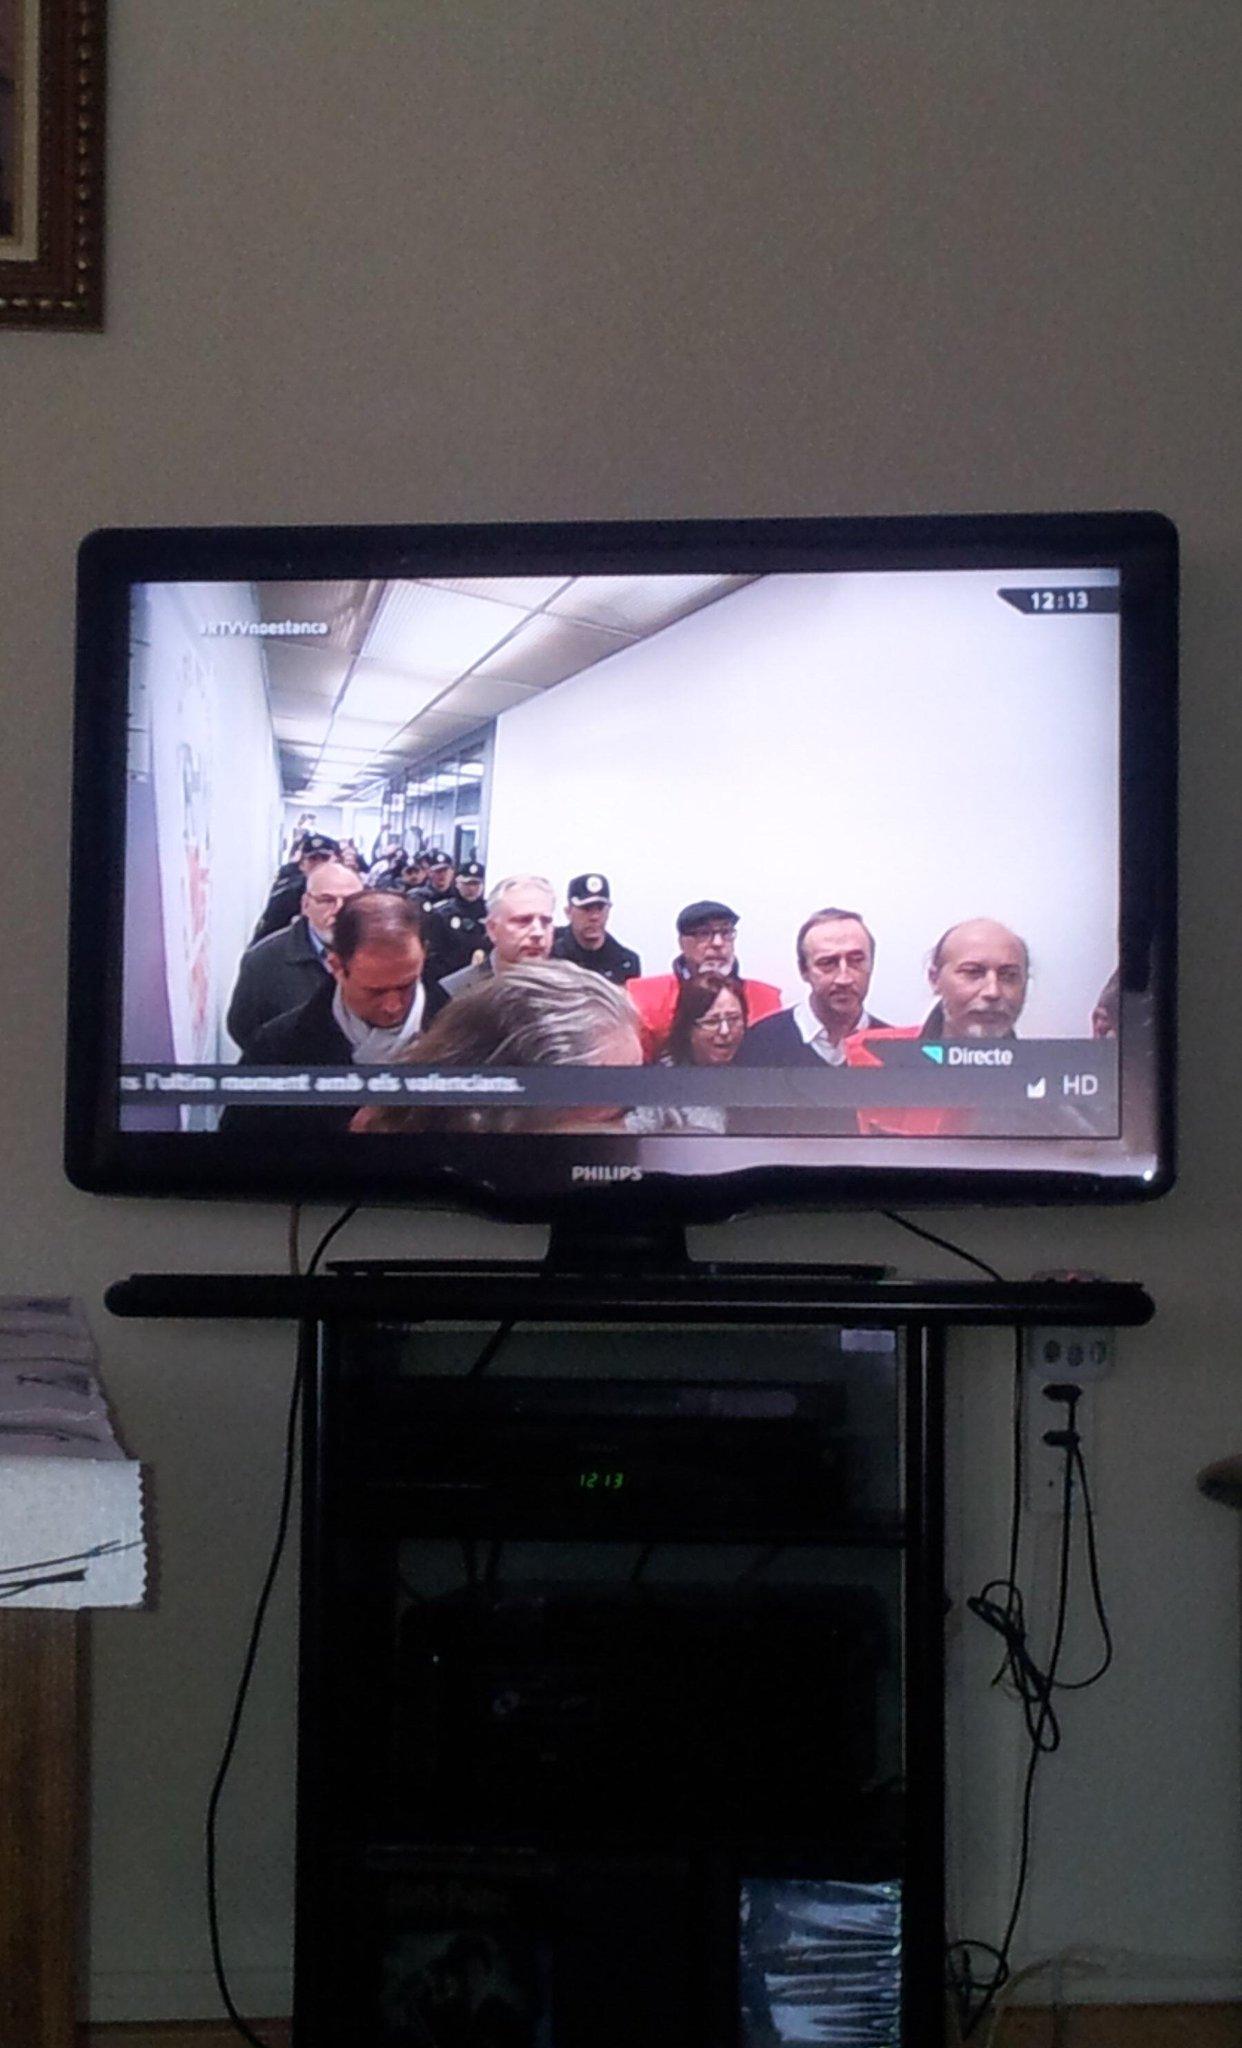 La policía escoltando a los liquidadores entre los trbajadores para cortar la emisión. Democracia? Golpe de estado http://t.co/l6BrgQL80A